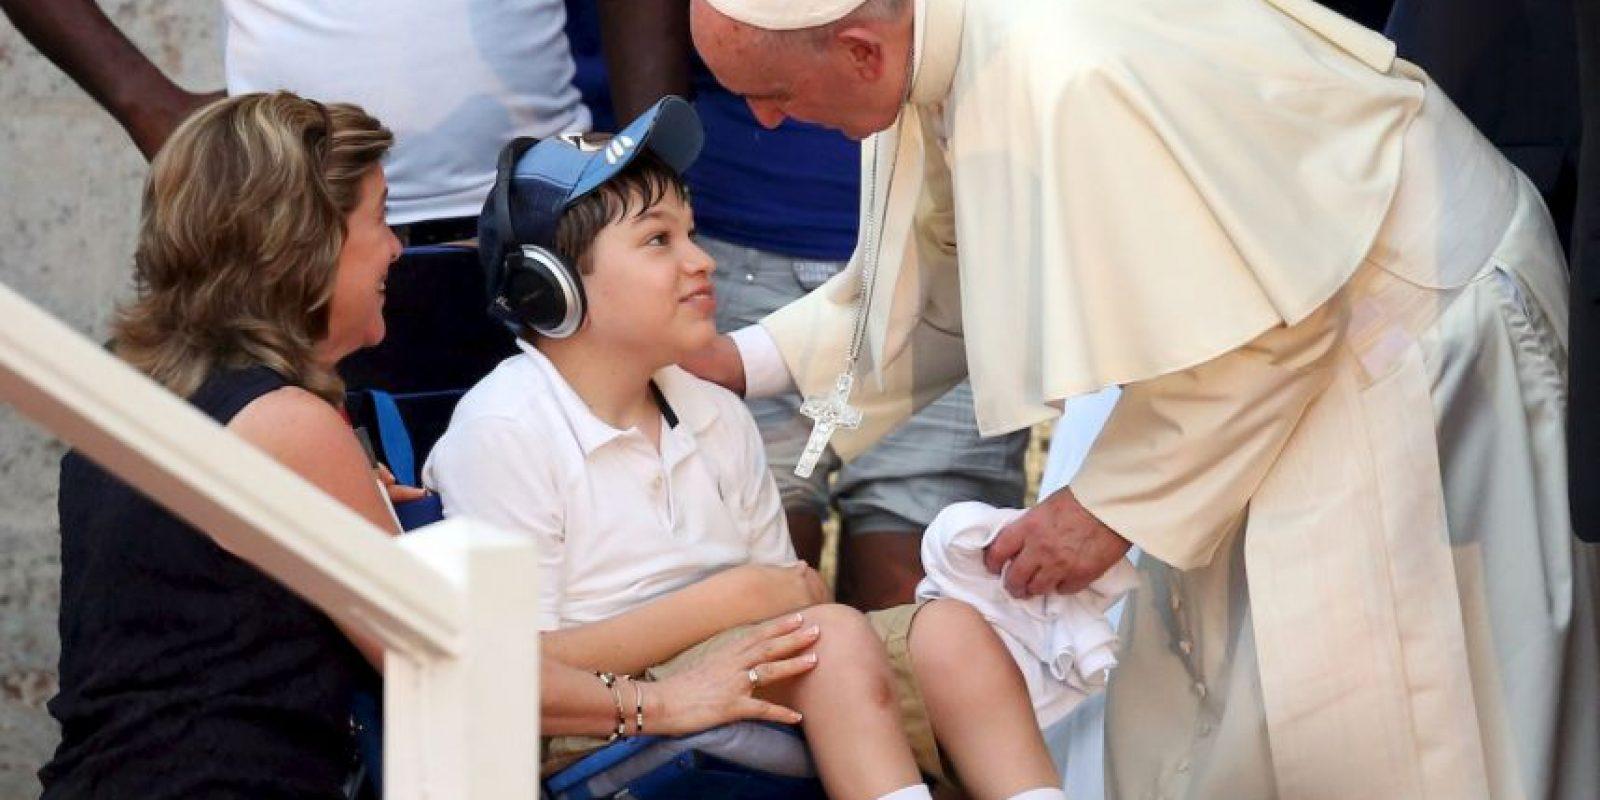 En esa misa realizó impactantes declaraciones sobre no servir a ideologías. Foto:Getty Images